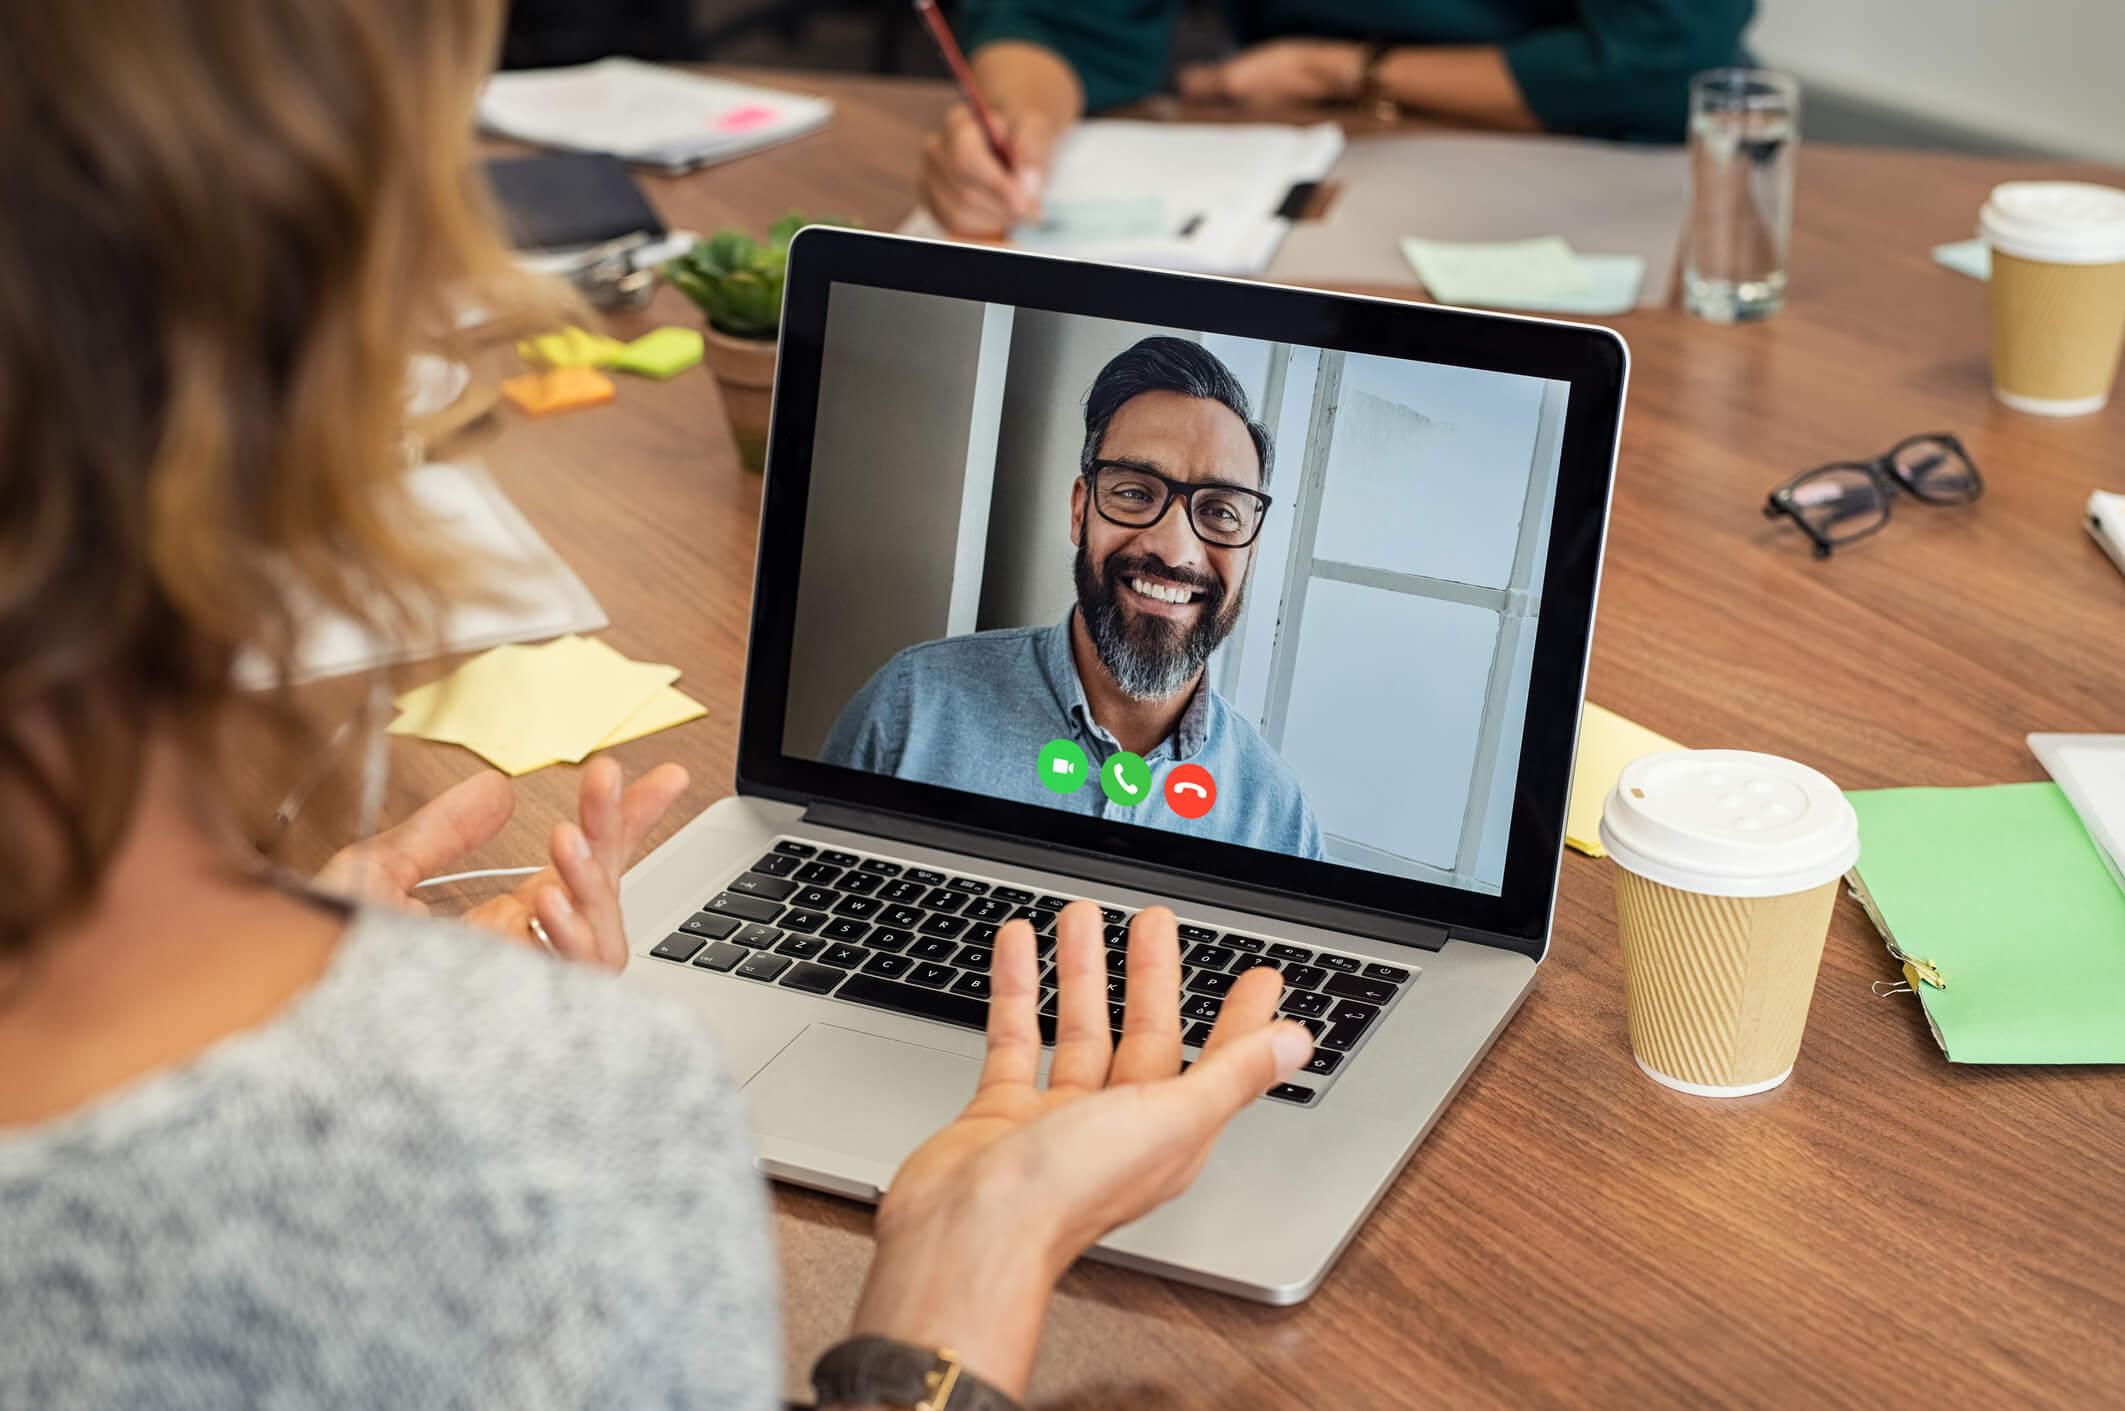 videoconferencia e aplicativos moveis conheca mais sobre essa tendencia